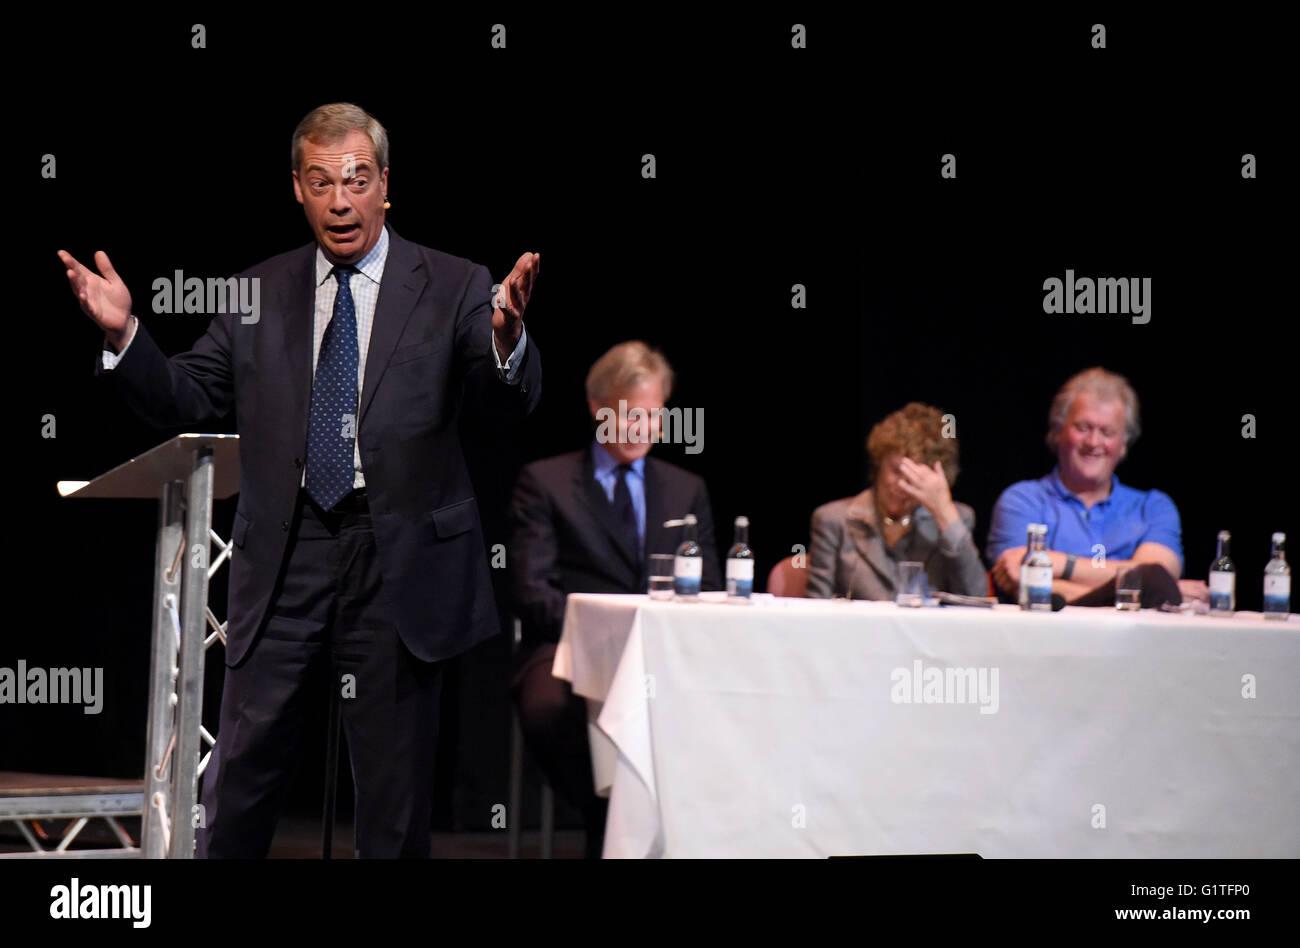 Nigel Farage speaks at a debate on Europe - Stock Image